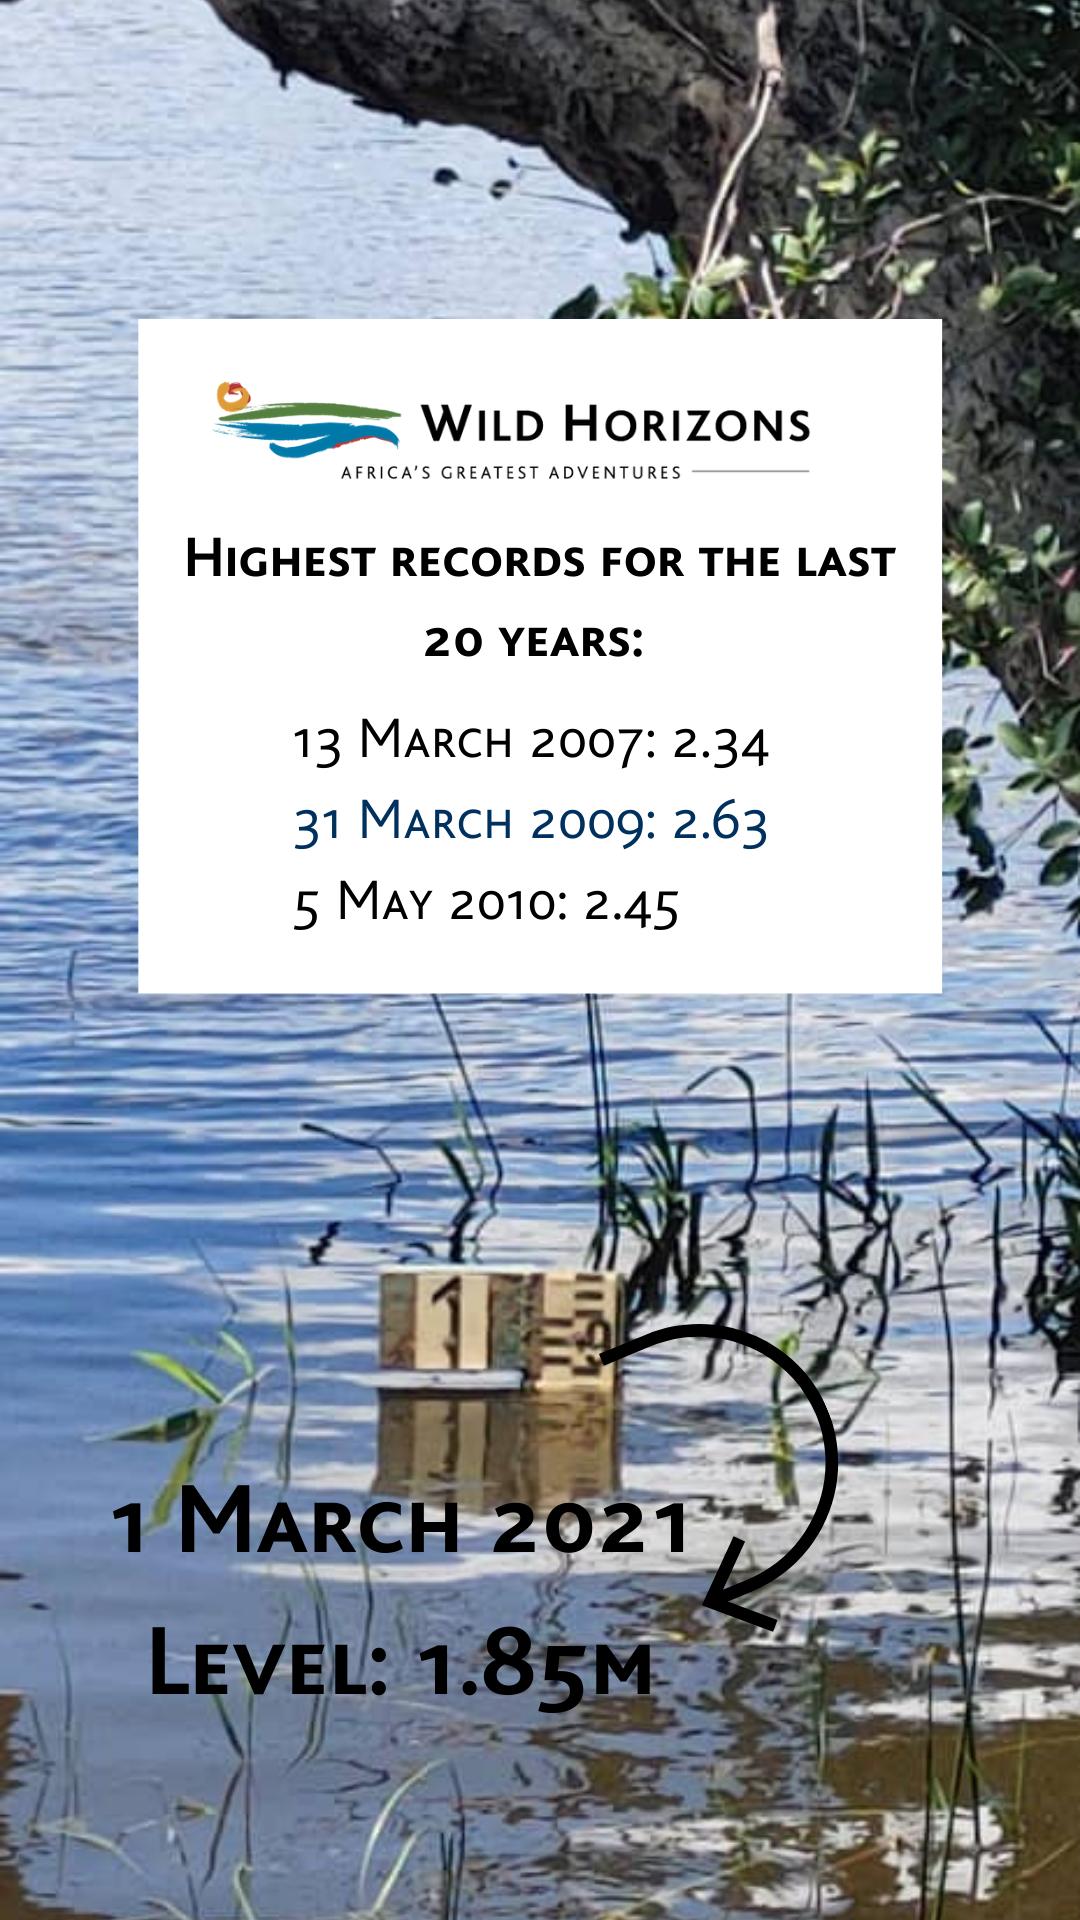 Zambezi river level March 2021